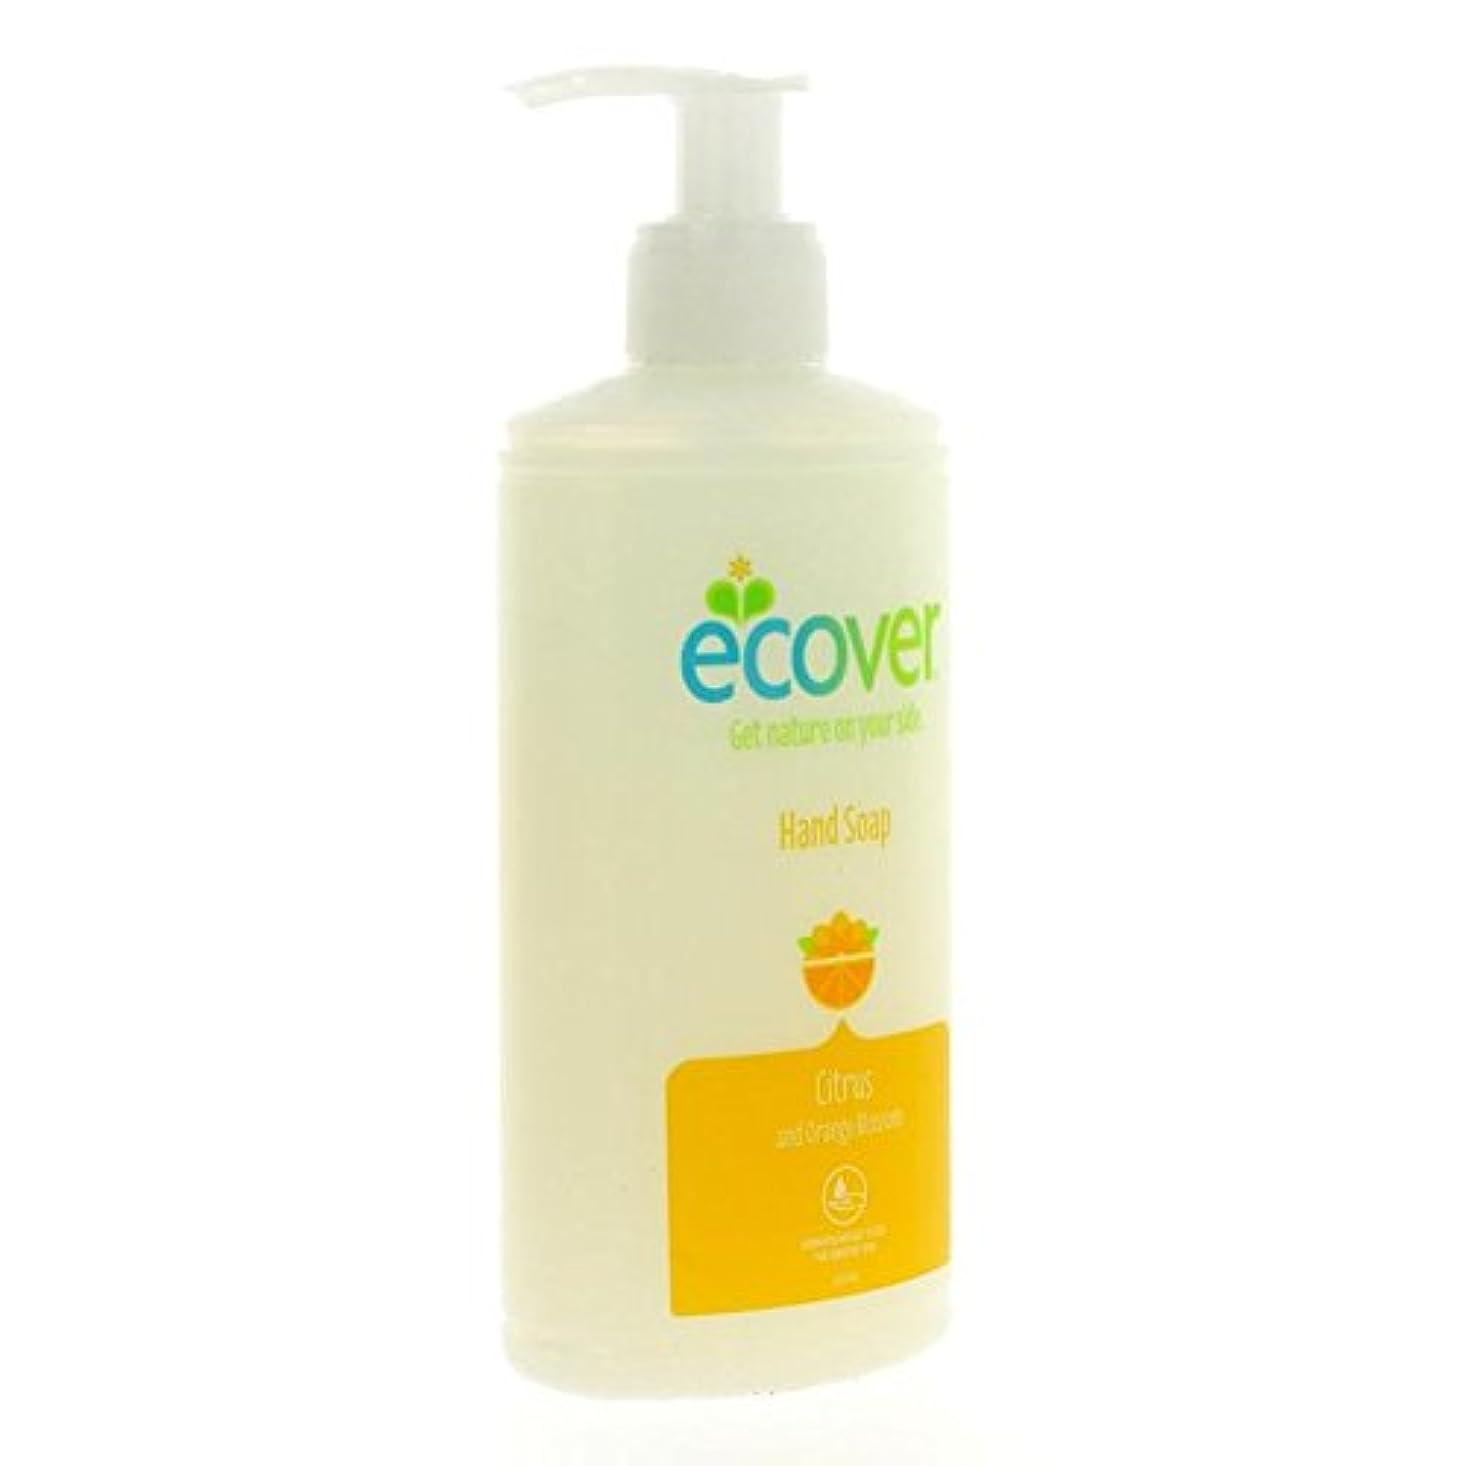 のためにタヒチ抗生物質Ecover - Hand Soap - Citrus and Orange Blossom - 250ml (Case of 6)